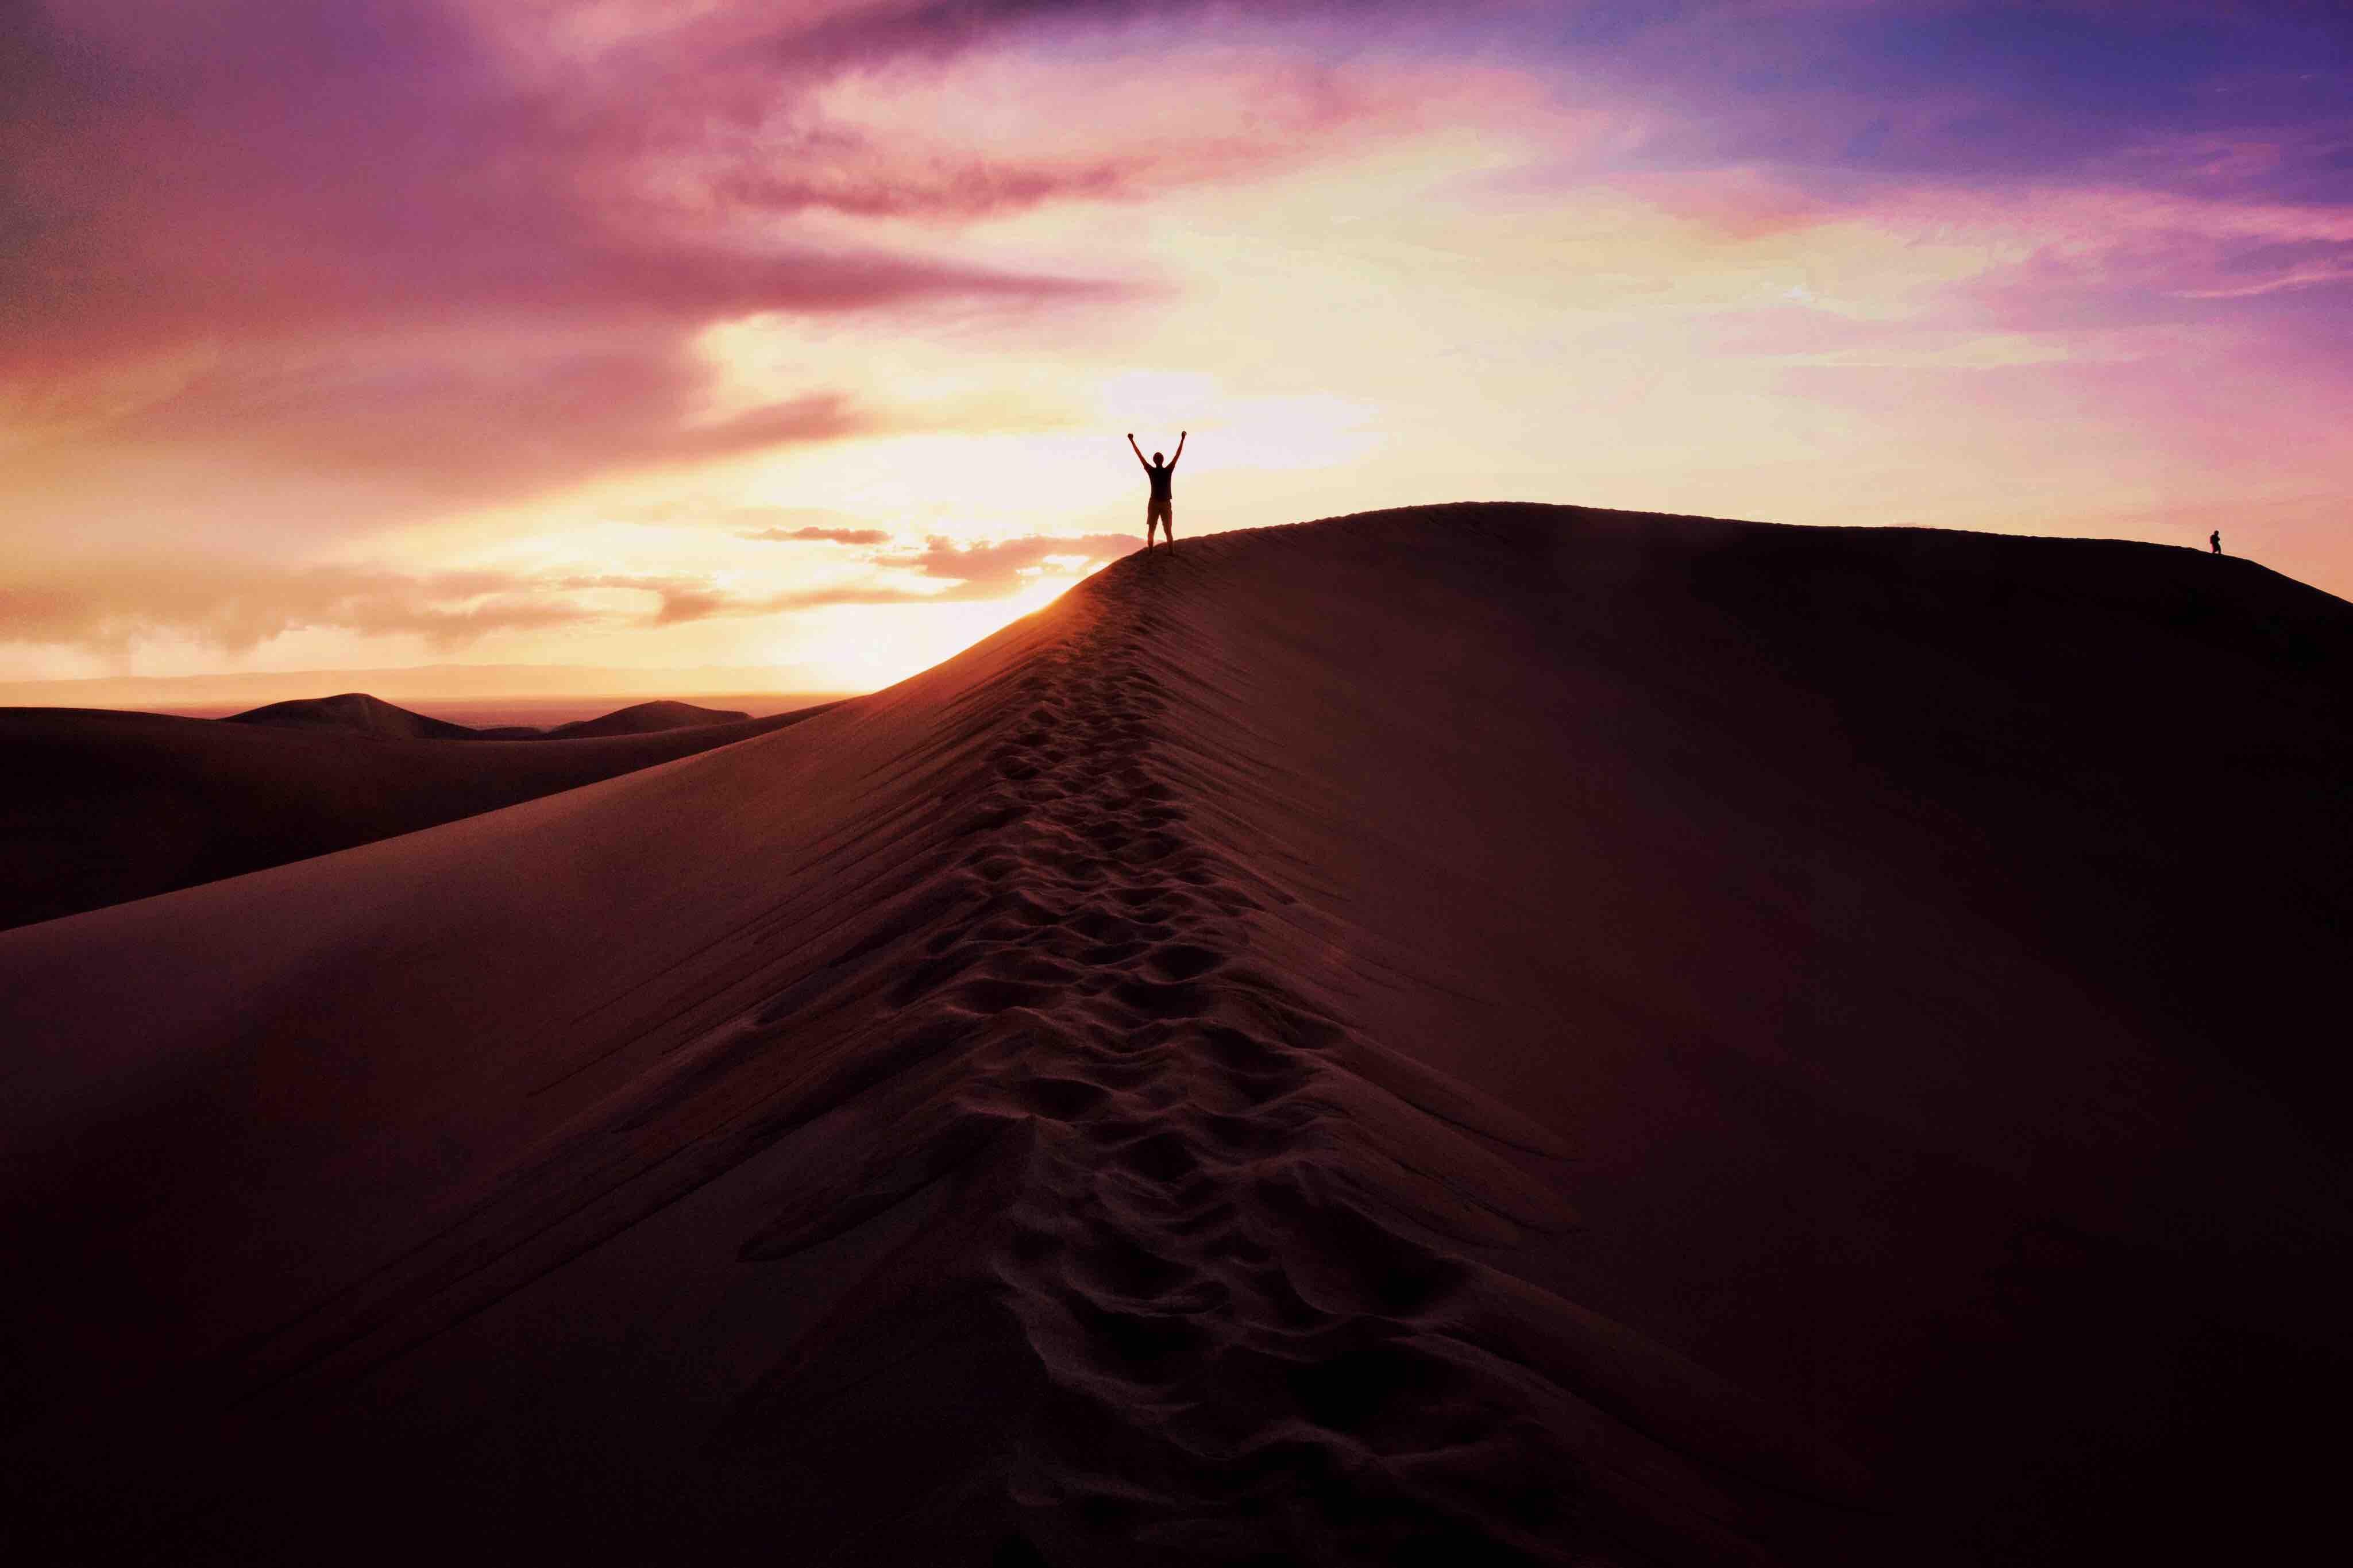 100515 Заставки и Обои Пустыня на телефон. Скачать Пустыня, Природа, Небо, Песок, Вечер, Человек картинки бесплатно